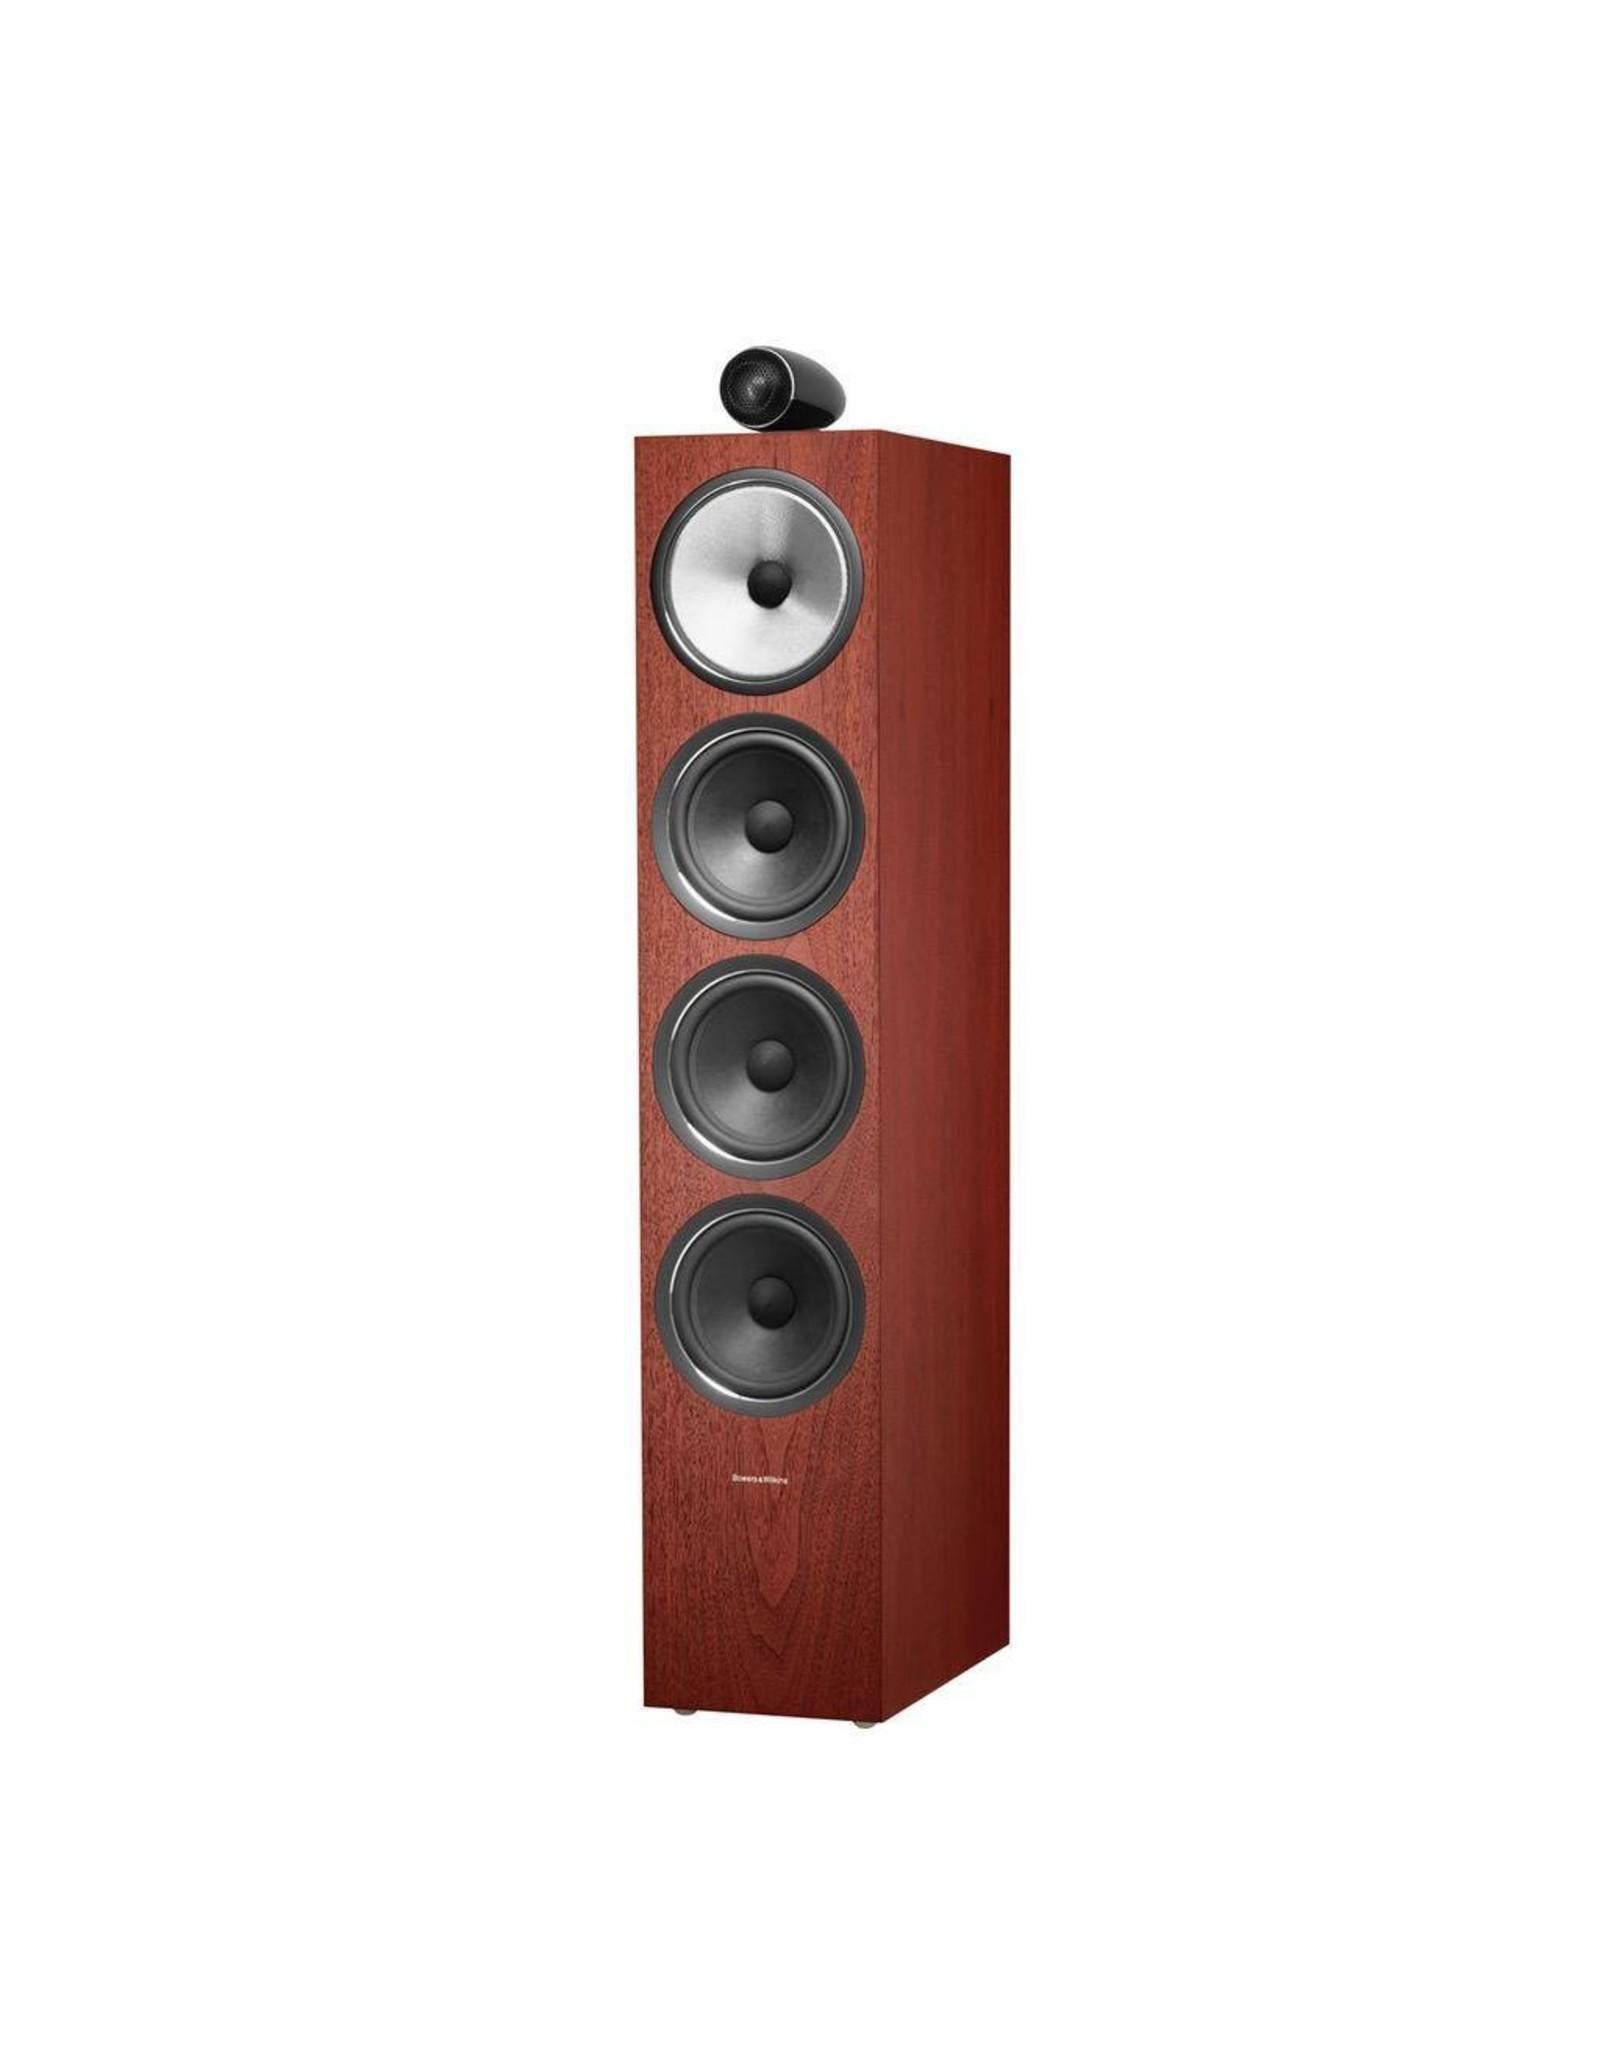 BOWERS & WILKINS B&W 702 S2 3-Way Floor Standing Speakers (pair)